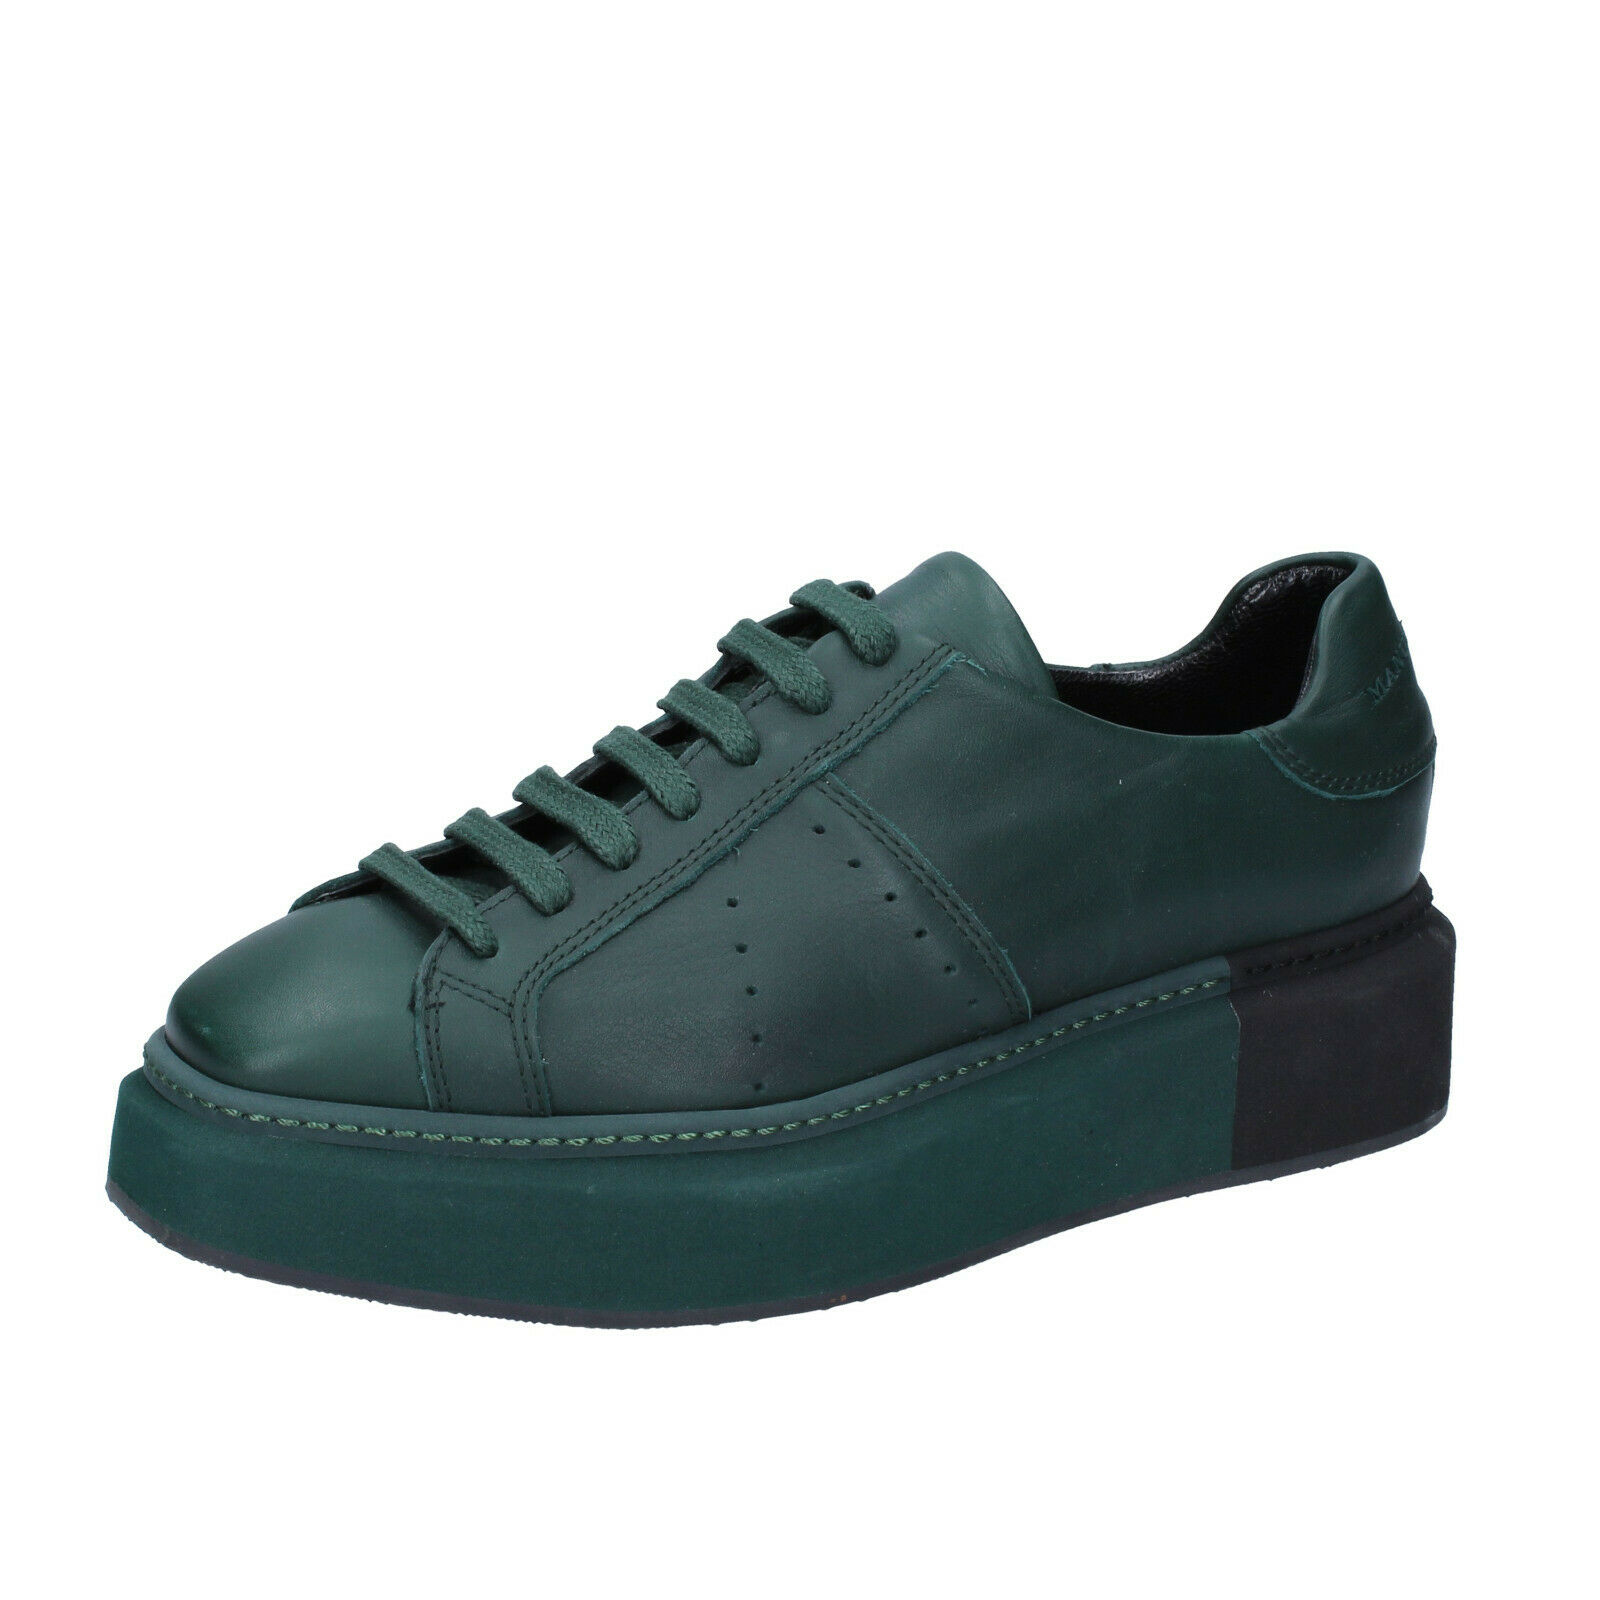 Scarpe da donna Manuel Barcelo 39 UE scarpe da  ginnastica Pelle verde b329 -39  trova il tuo preferito qui